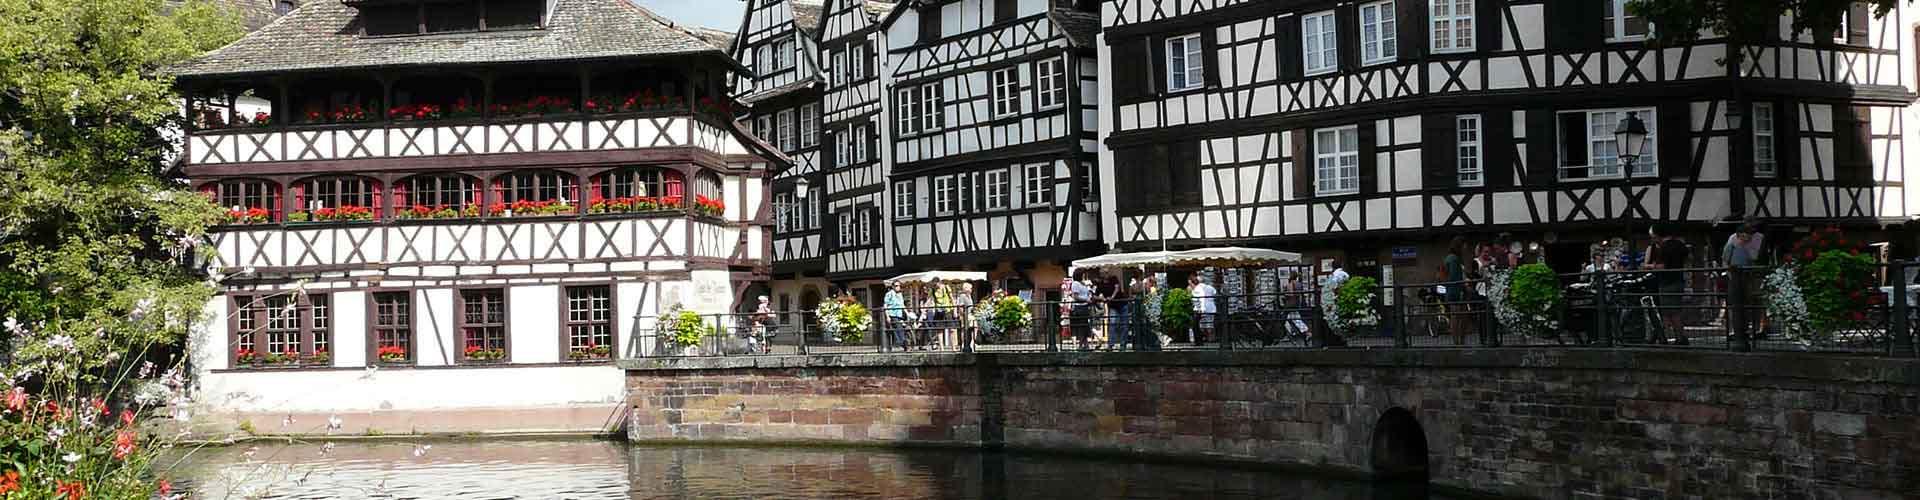 Strasbourg - Auberges de jeunesse dans le quartier de Quartiers Centraux. Cartes pour Strasbourg, photos et commentaires pour chaque auberge de jeunesse à Strasbourg.